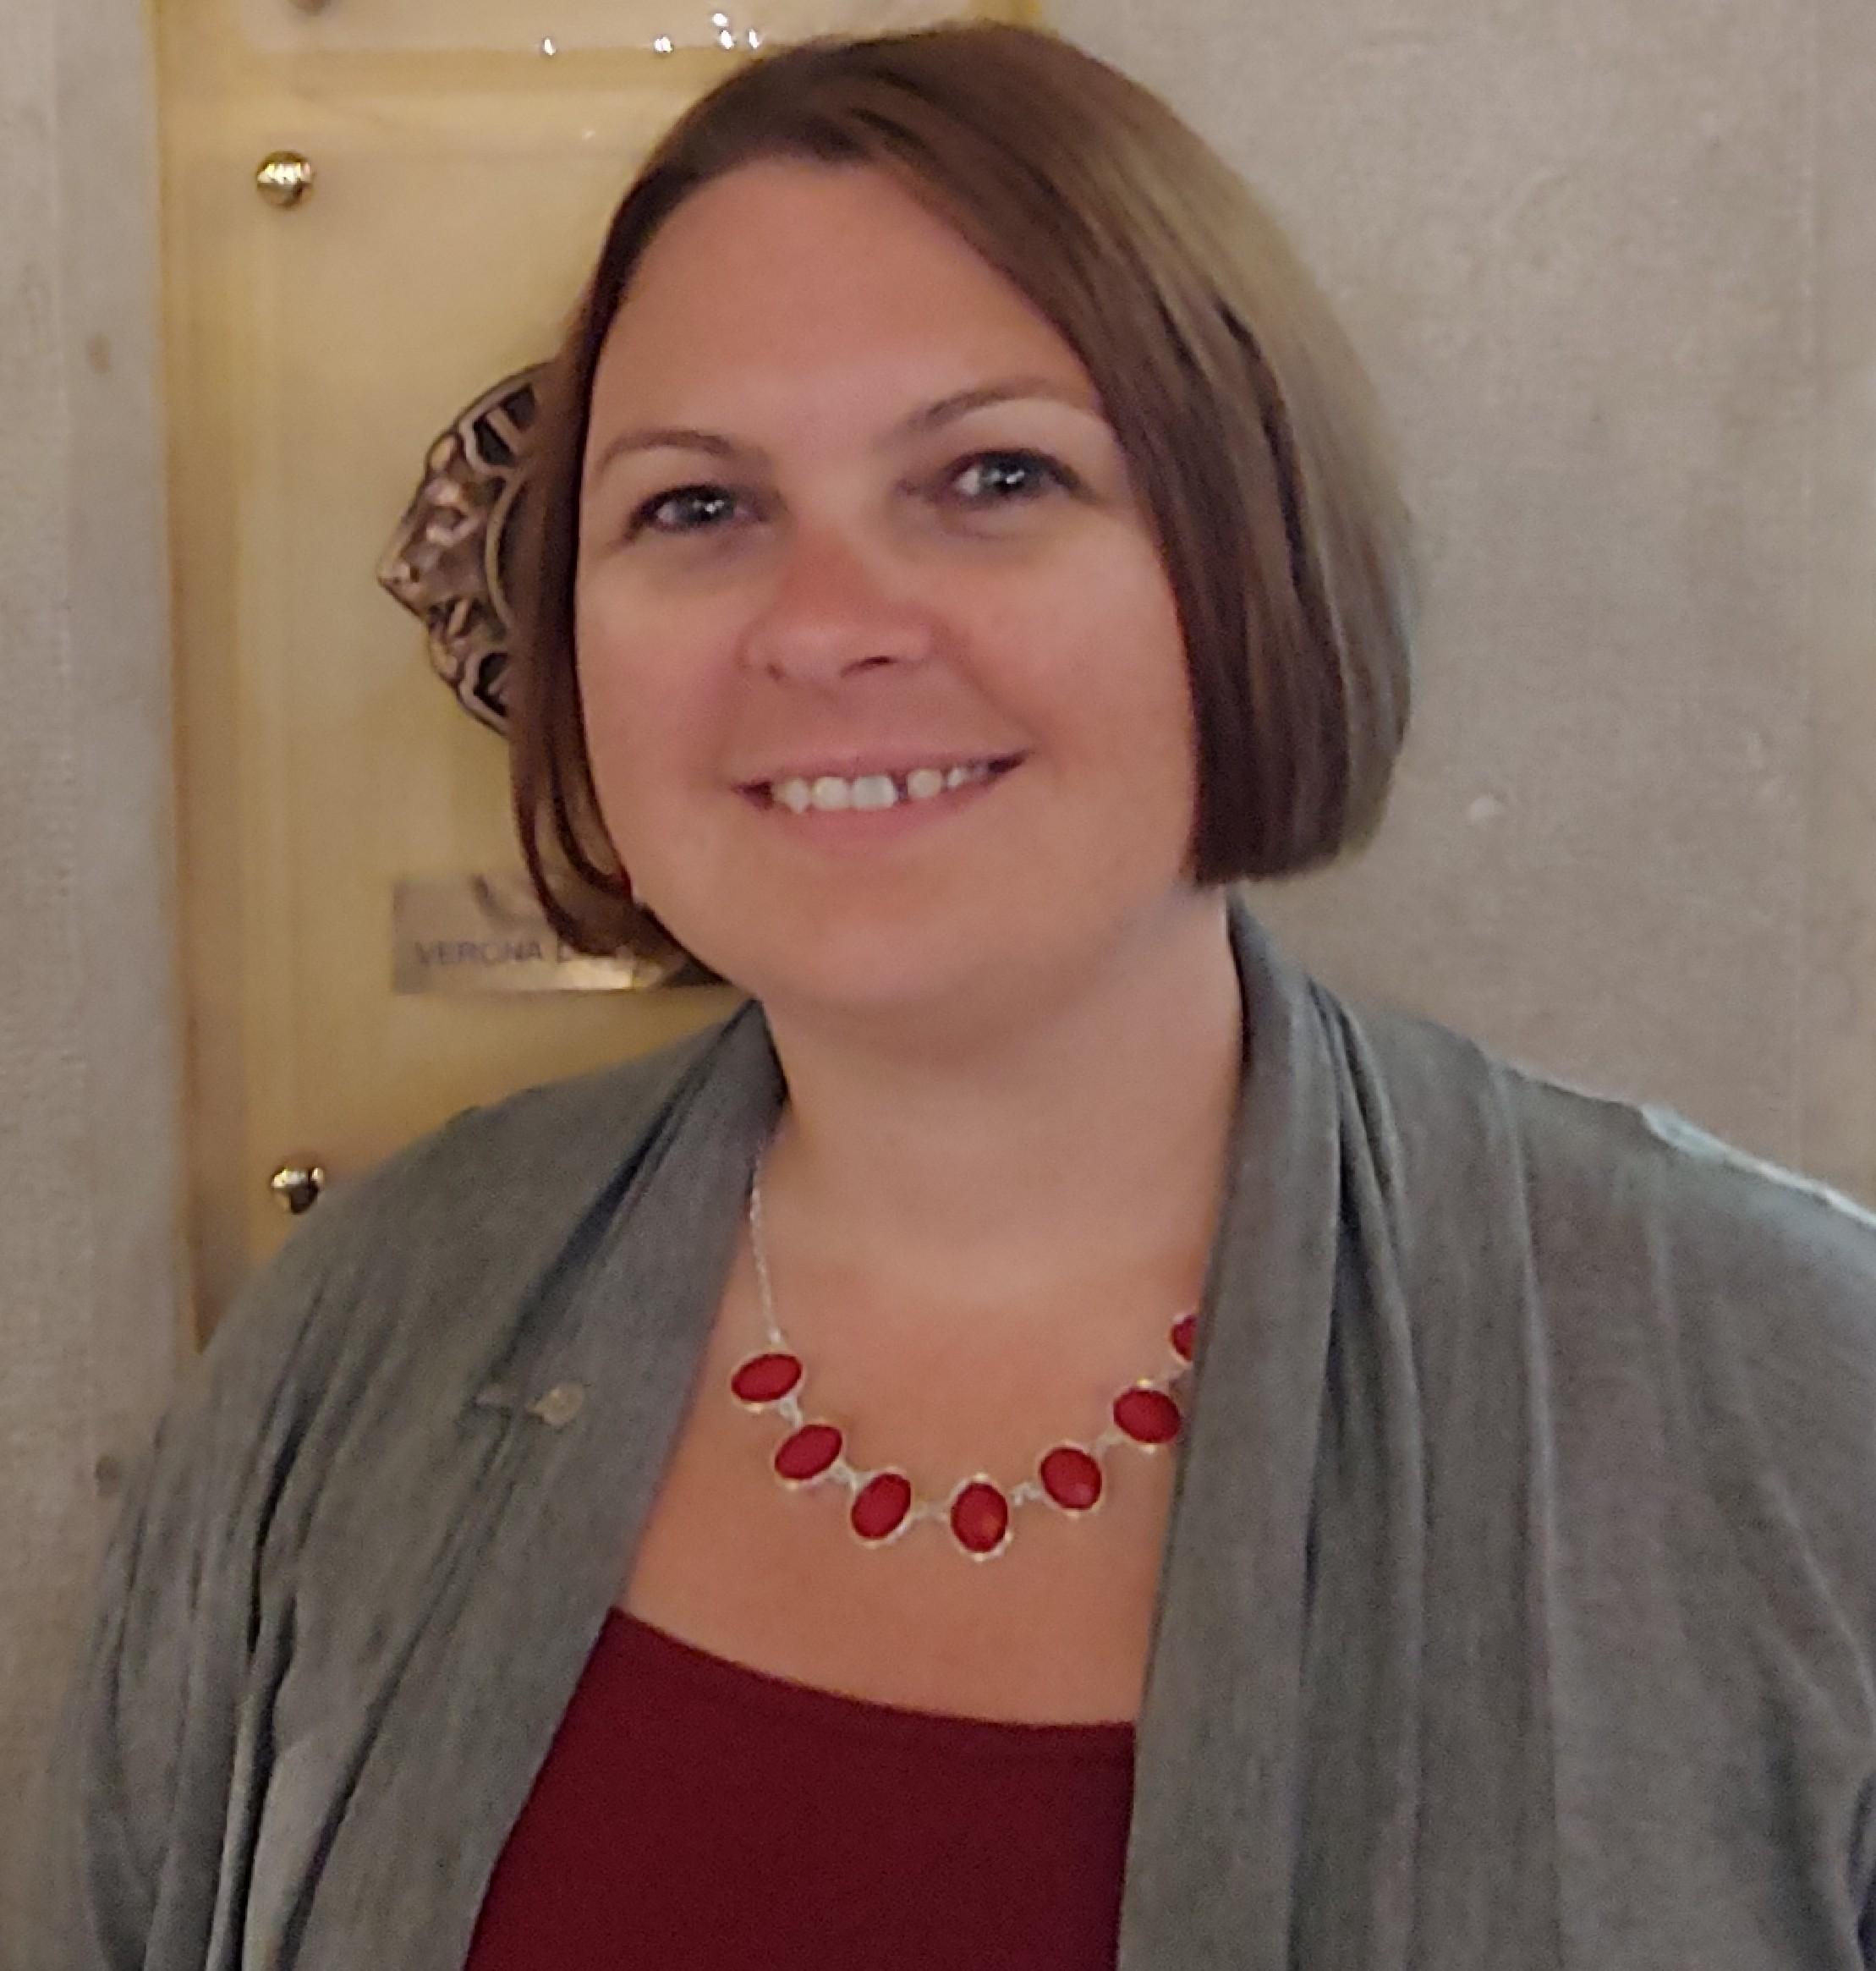 Erica Brouillette - Community Service Coordinator